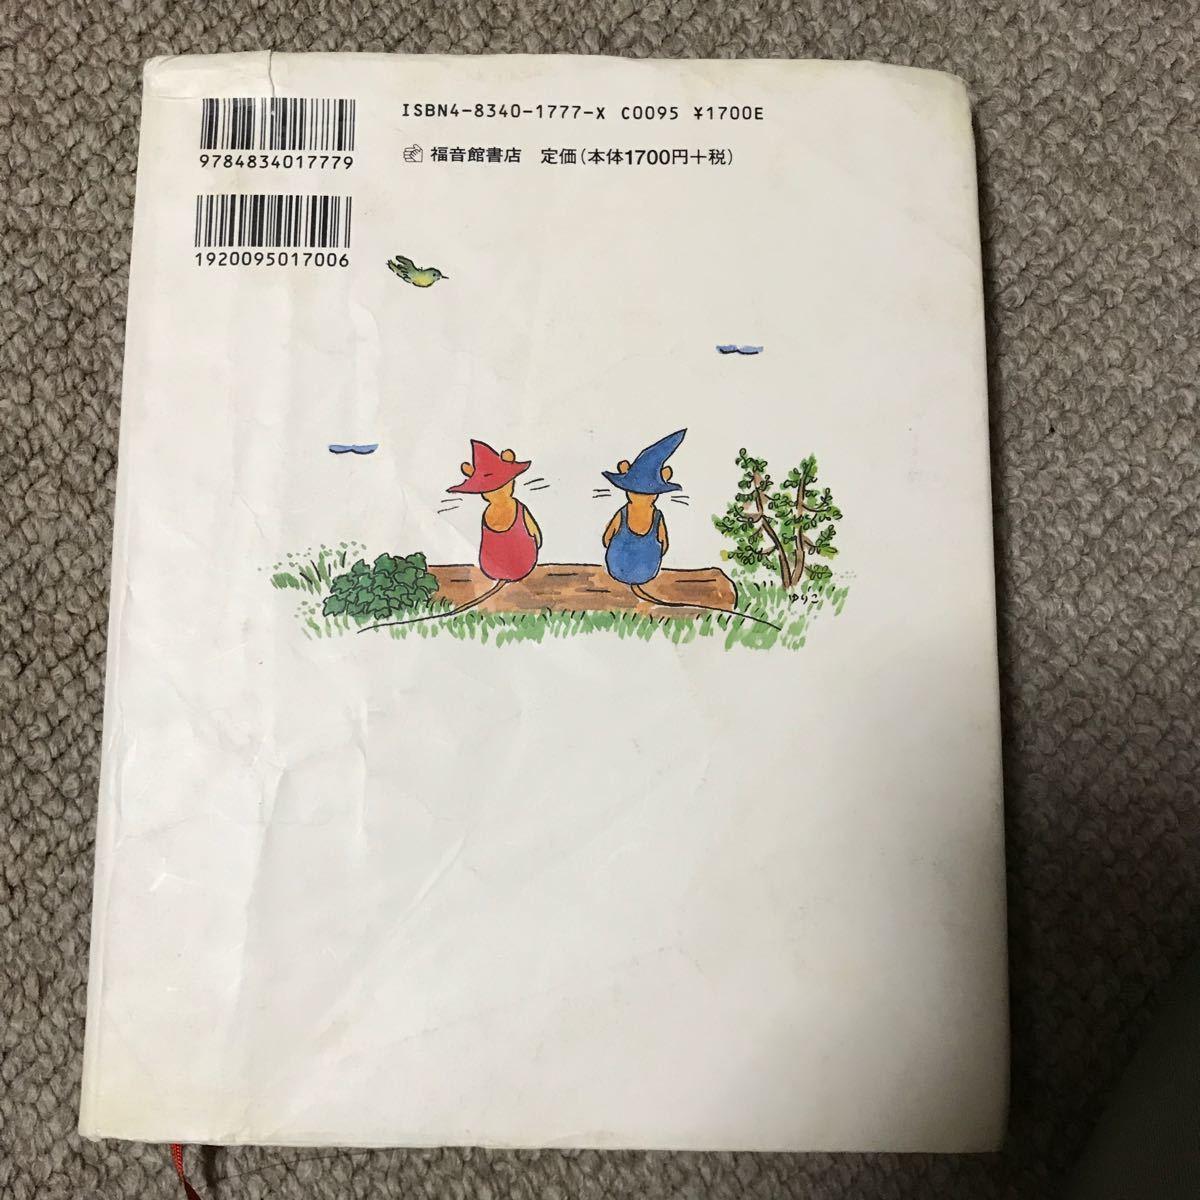 ぼくらのなまえはぐりとぐら 絵本「ぐりとぐら」のすべて。  /福音館書店